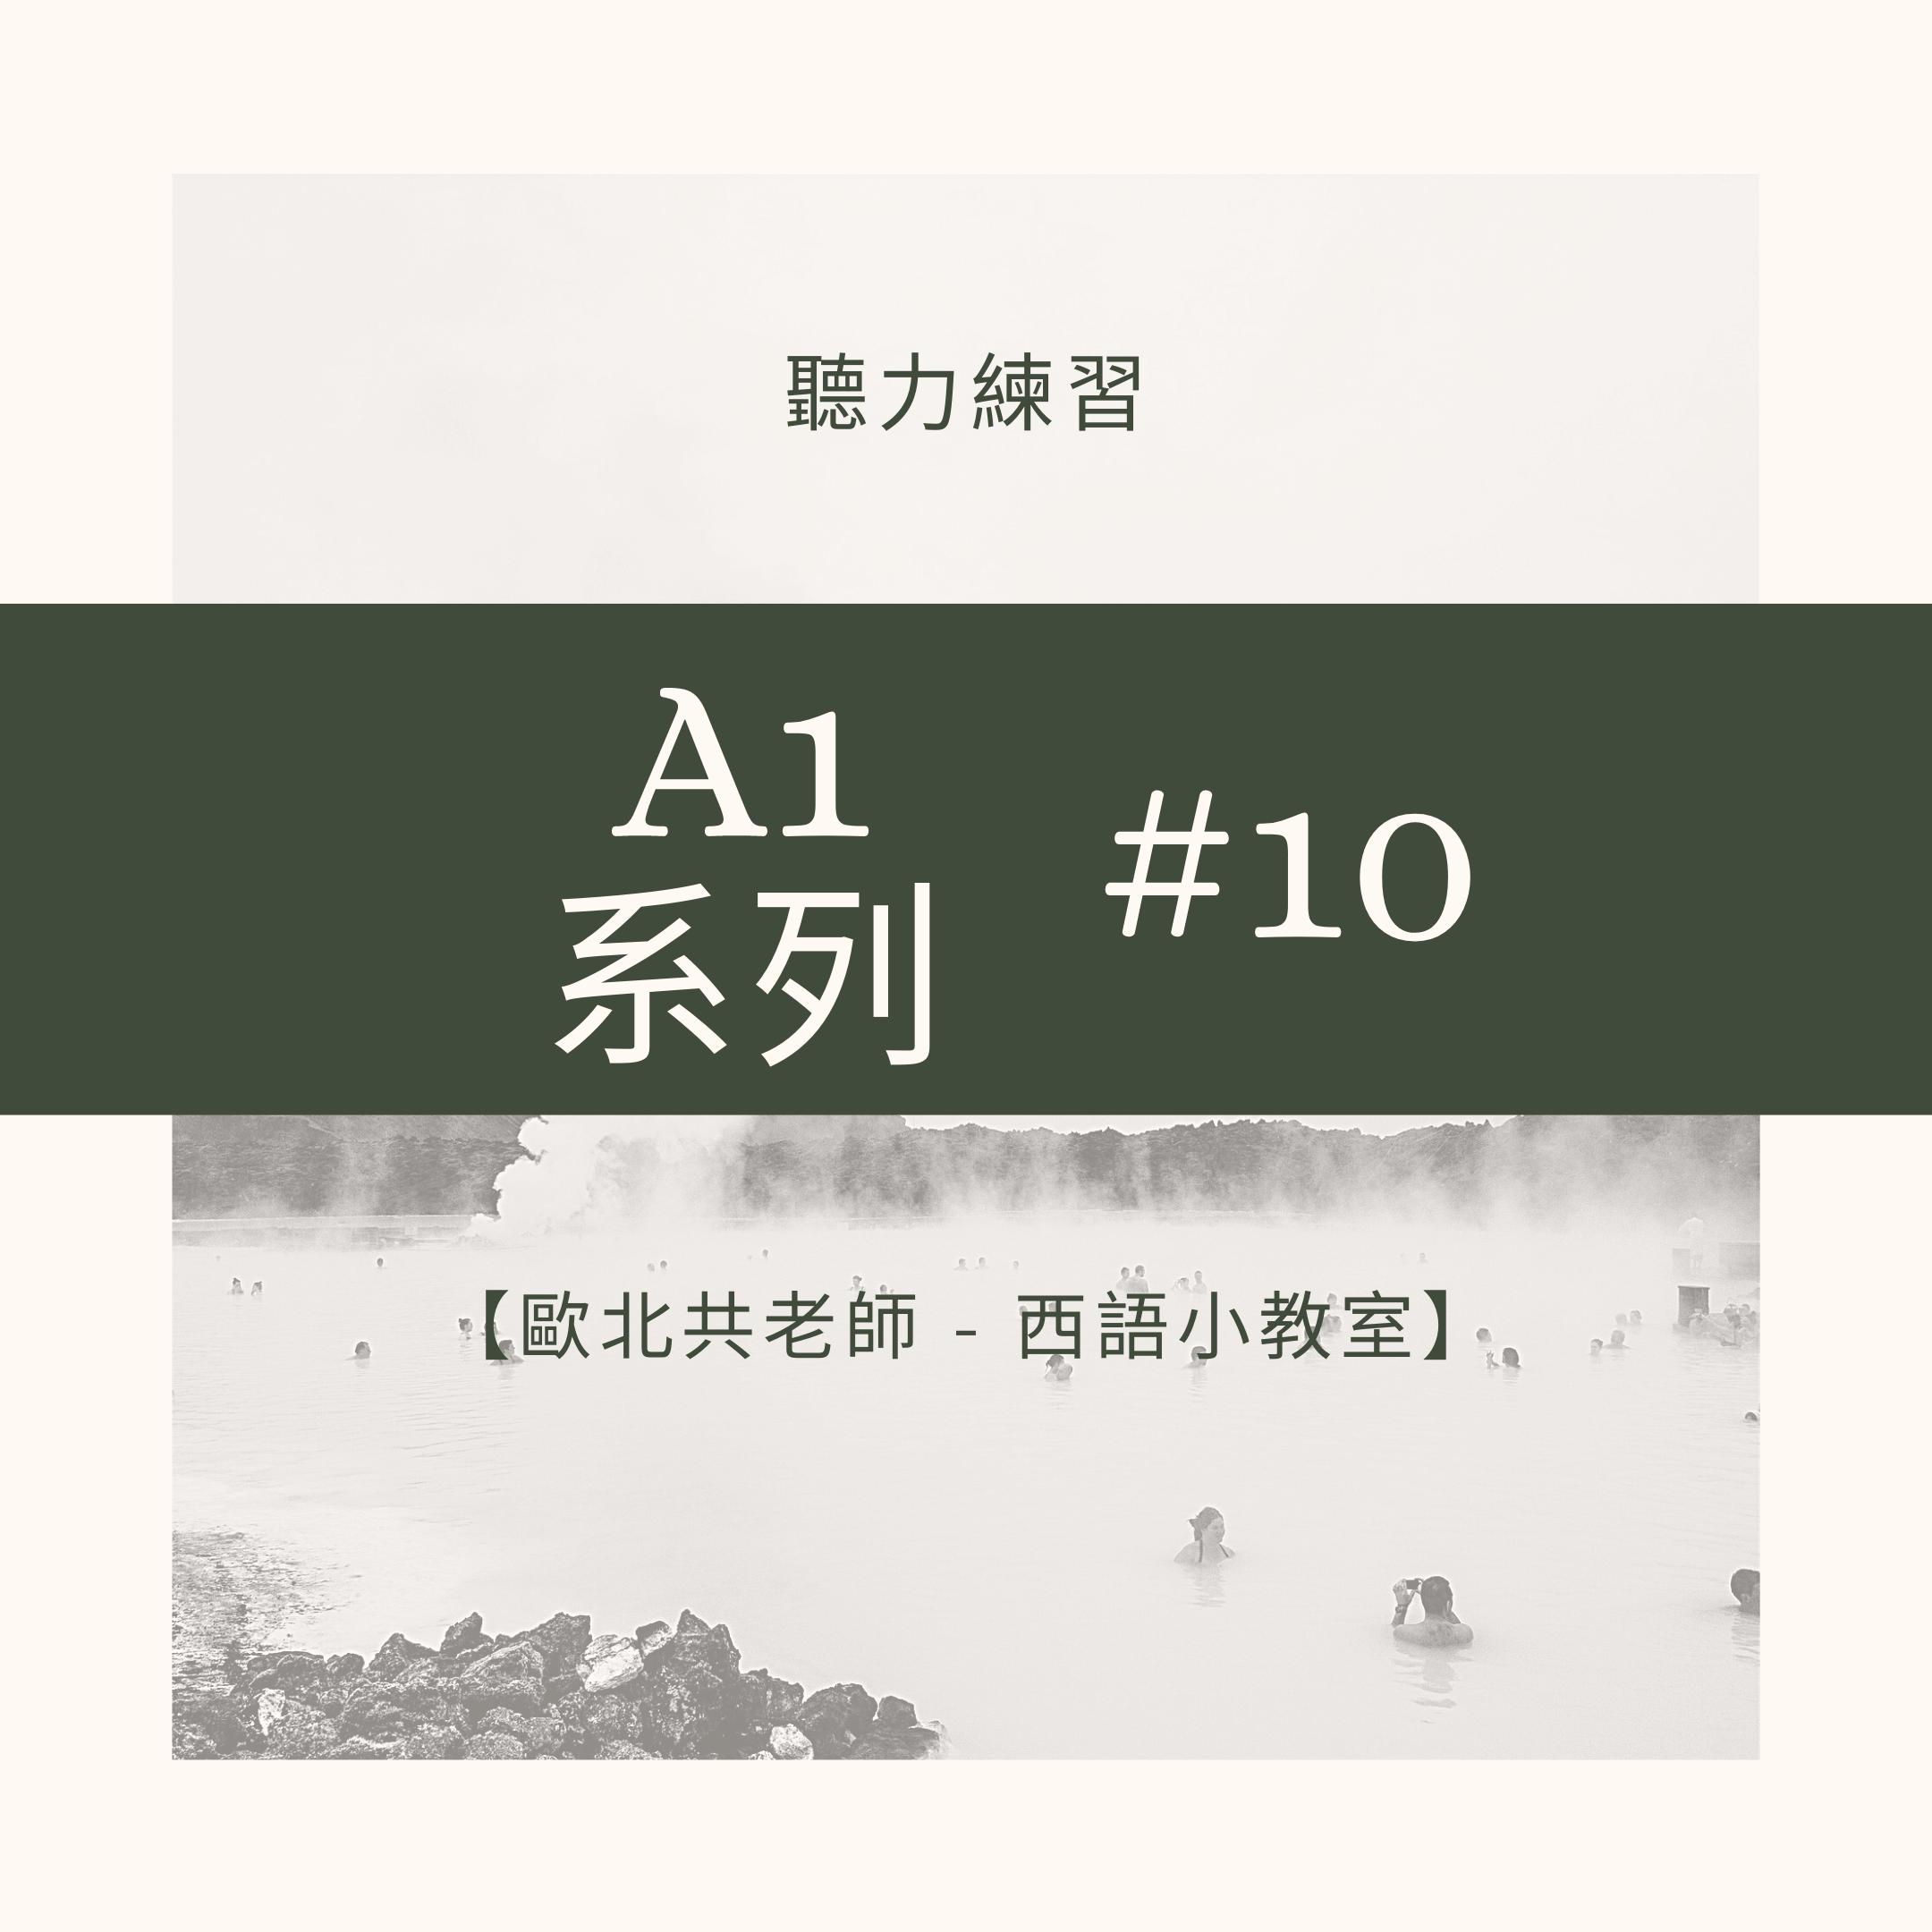 【#67Episode】 - A1 教學系列(聽力練習)#10